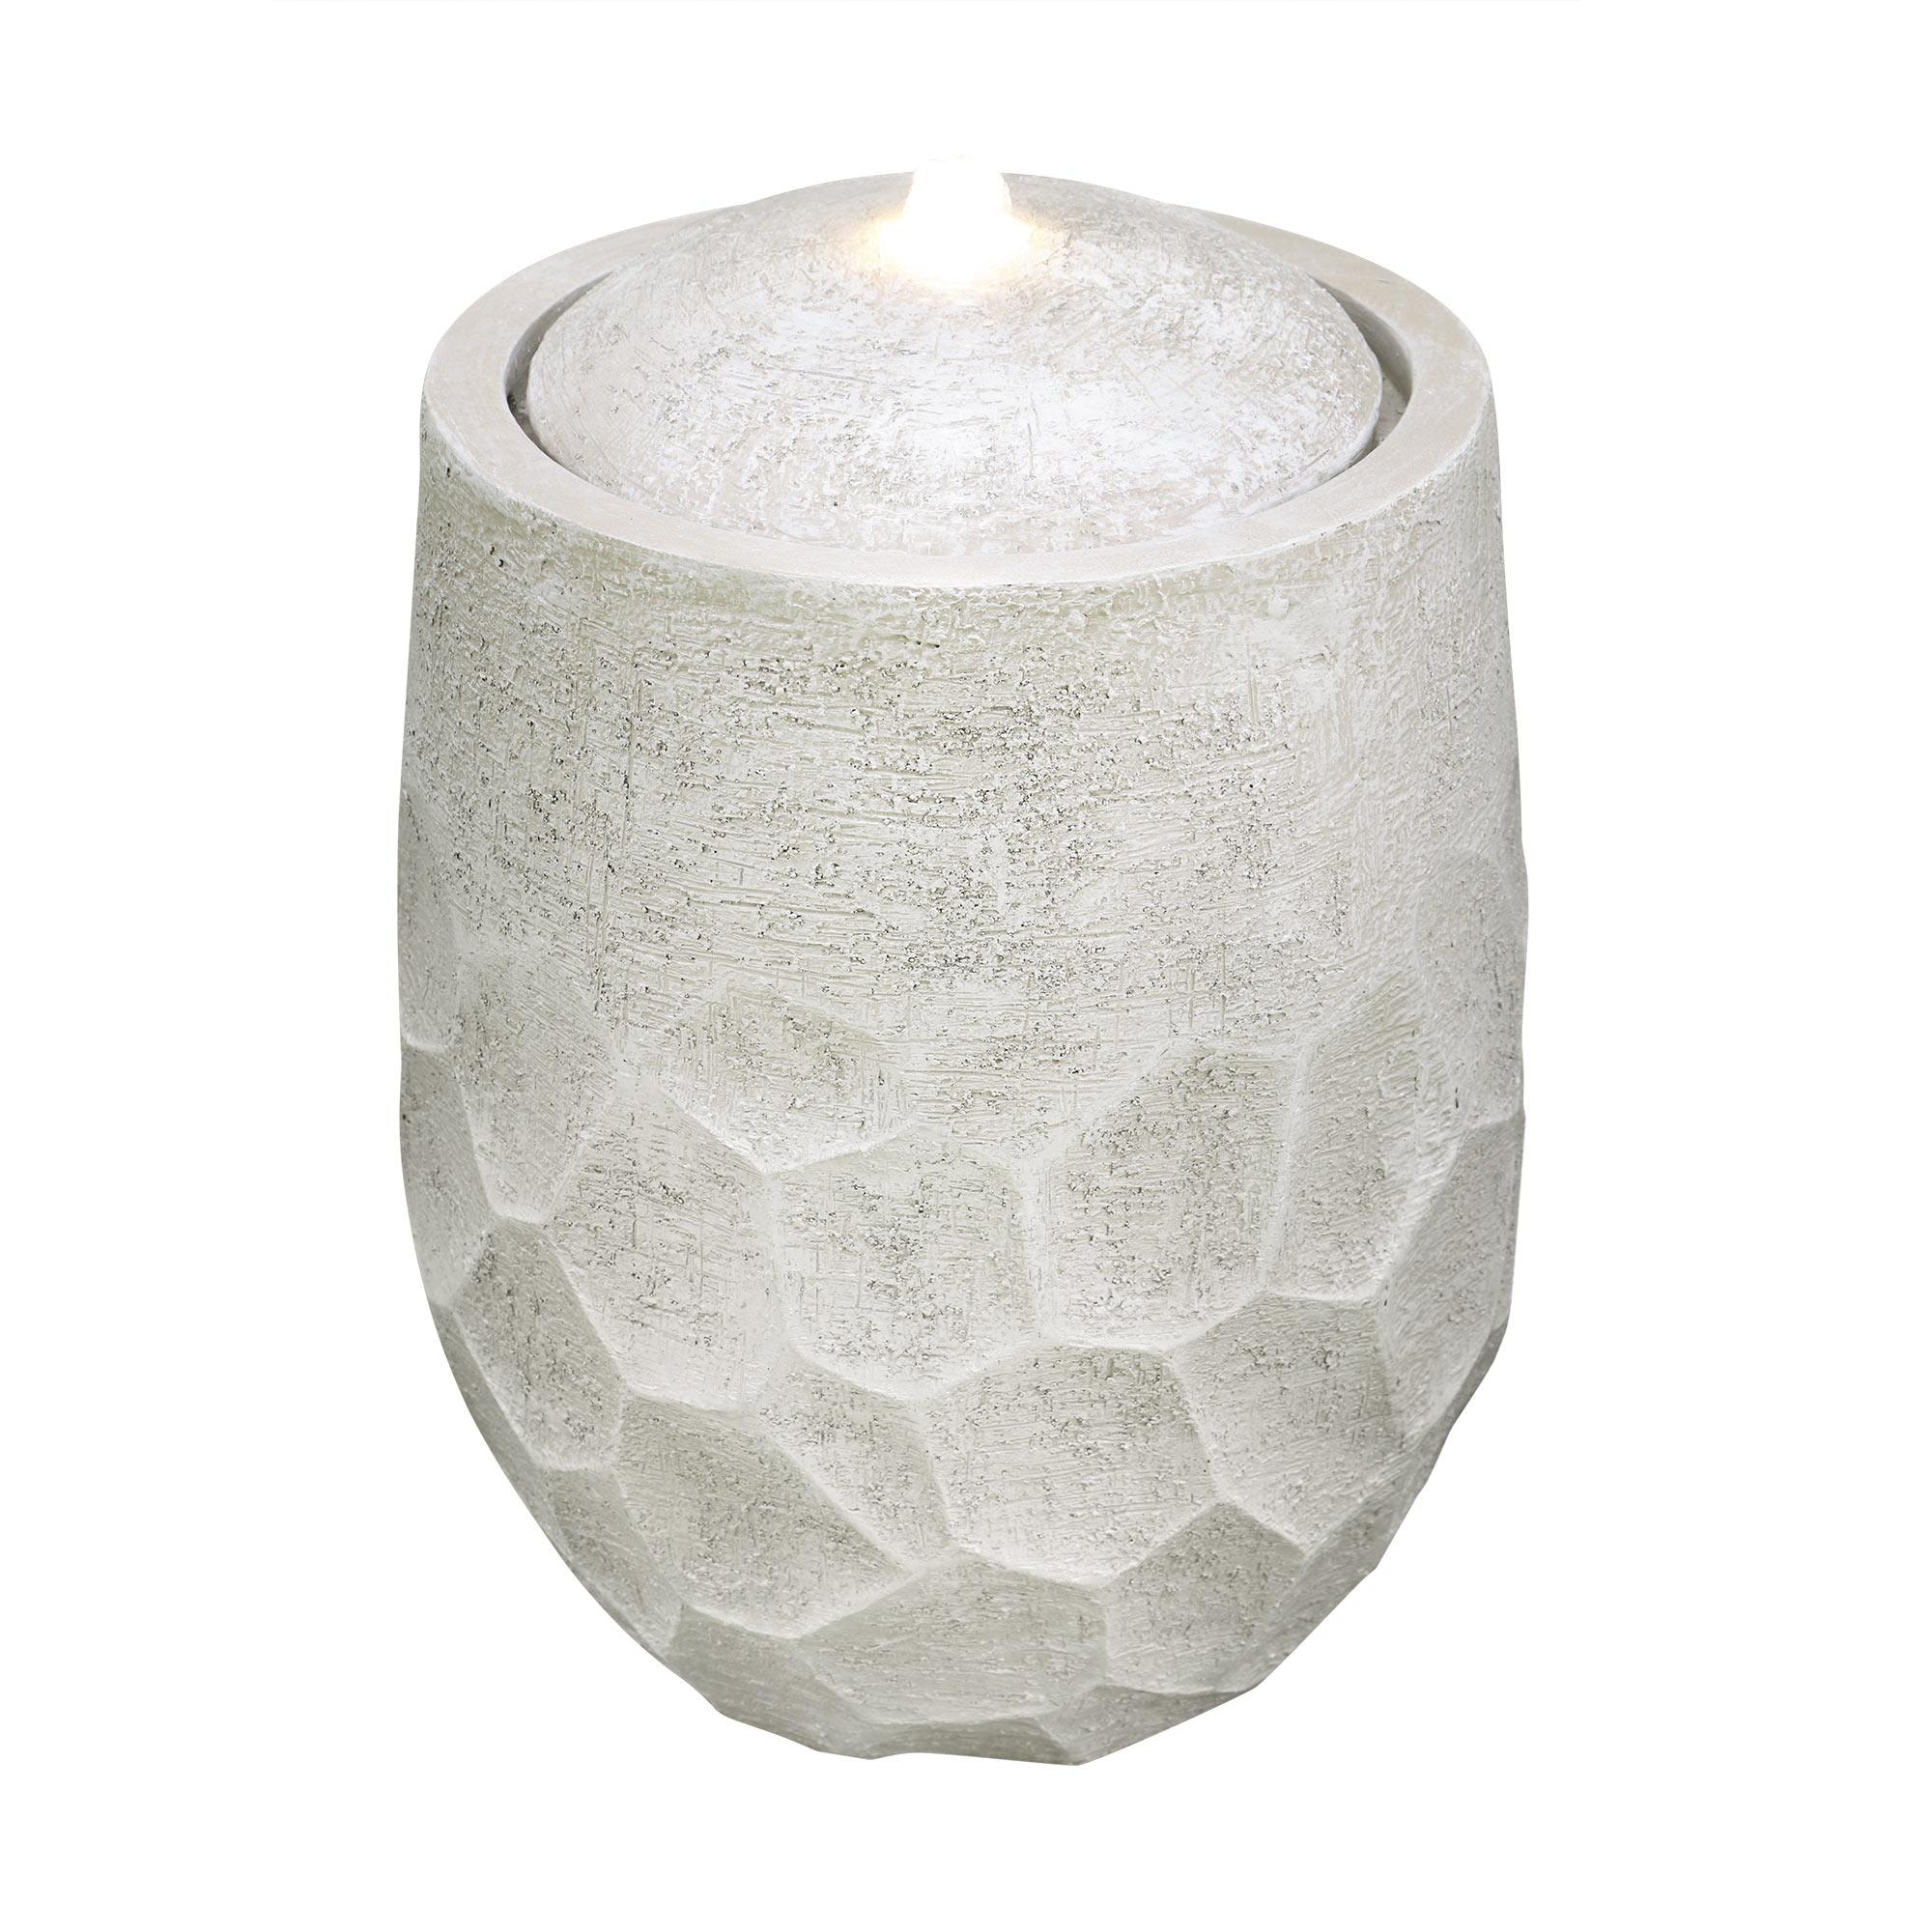 Фонтан уличный Dw-fontain/dwf шар в камне 39х39х49см